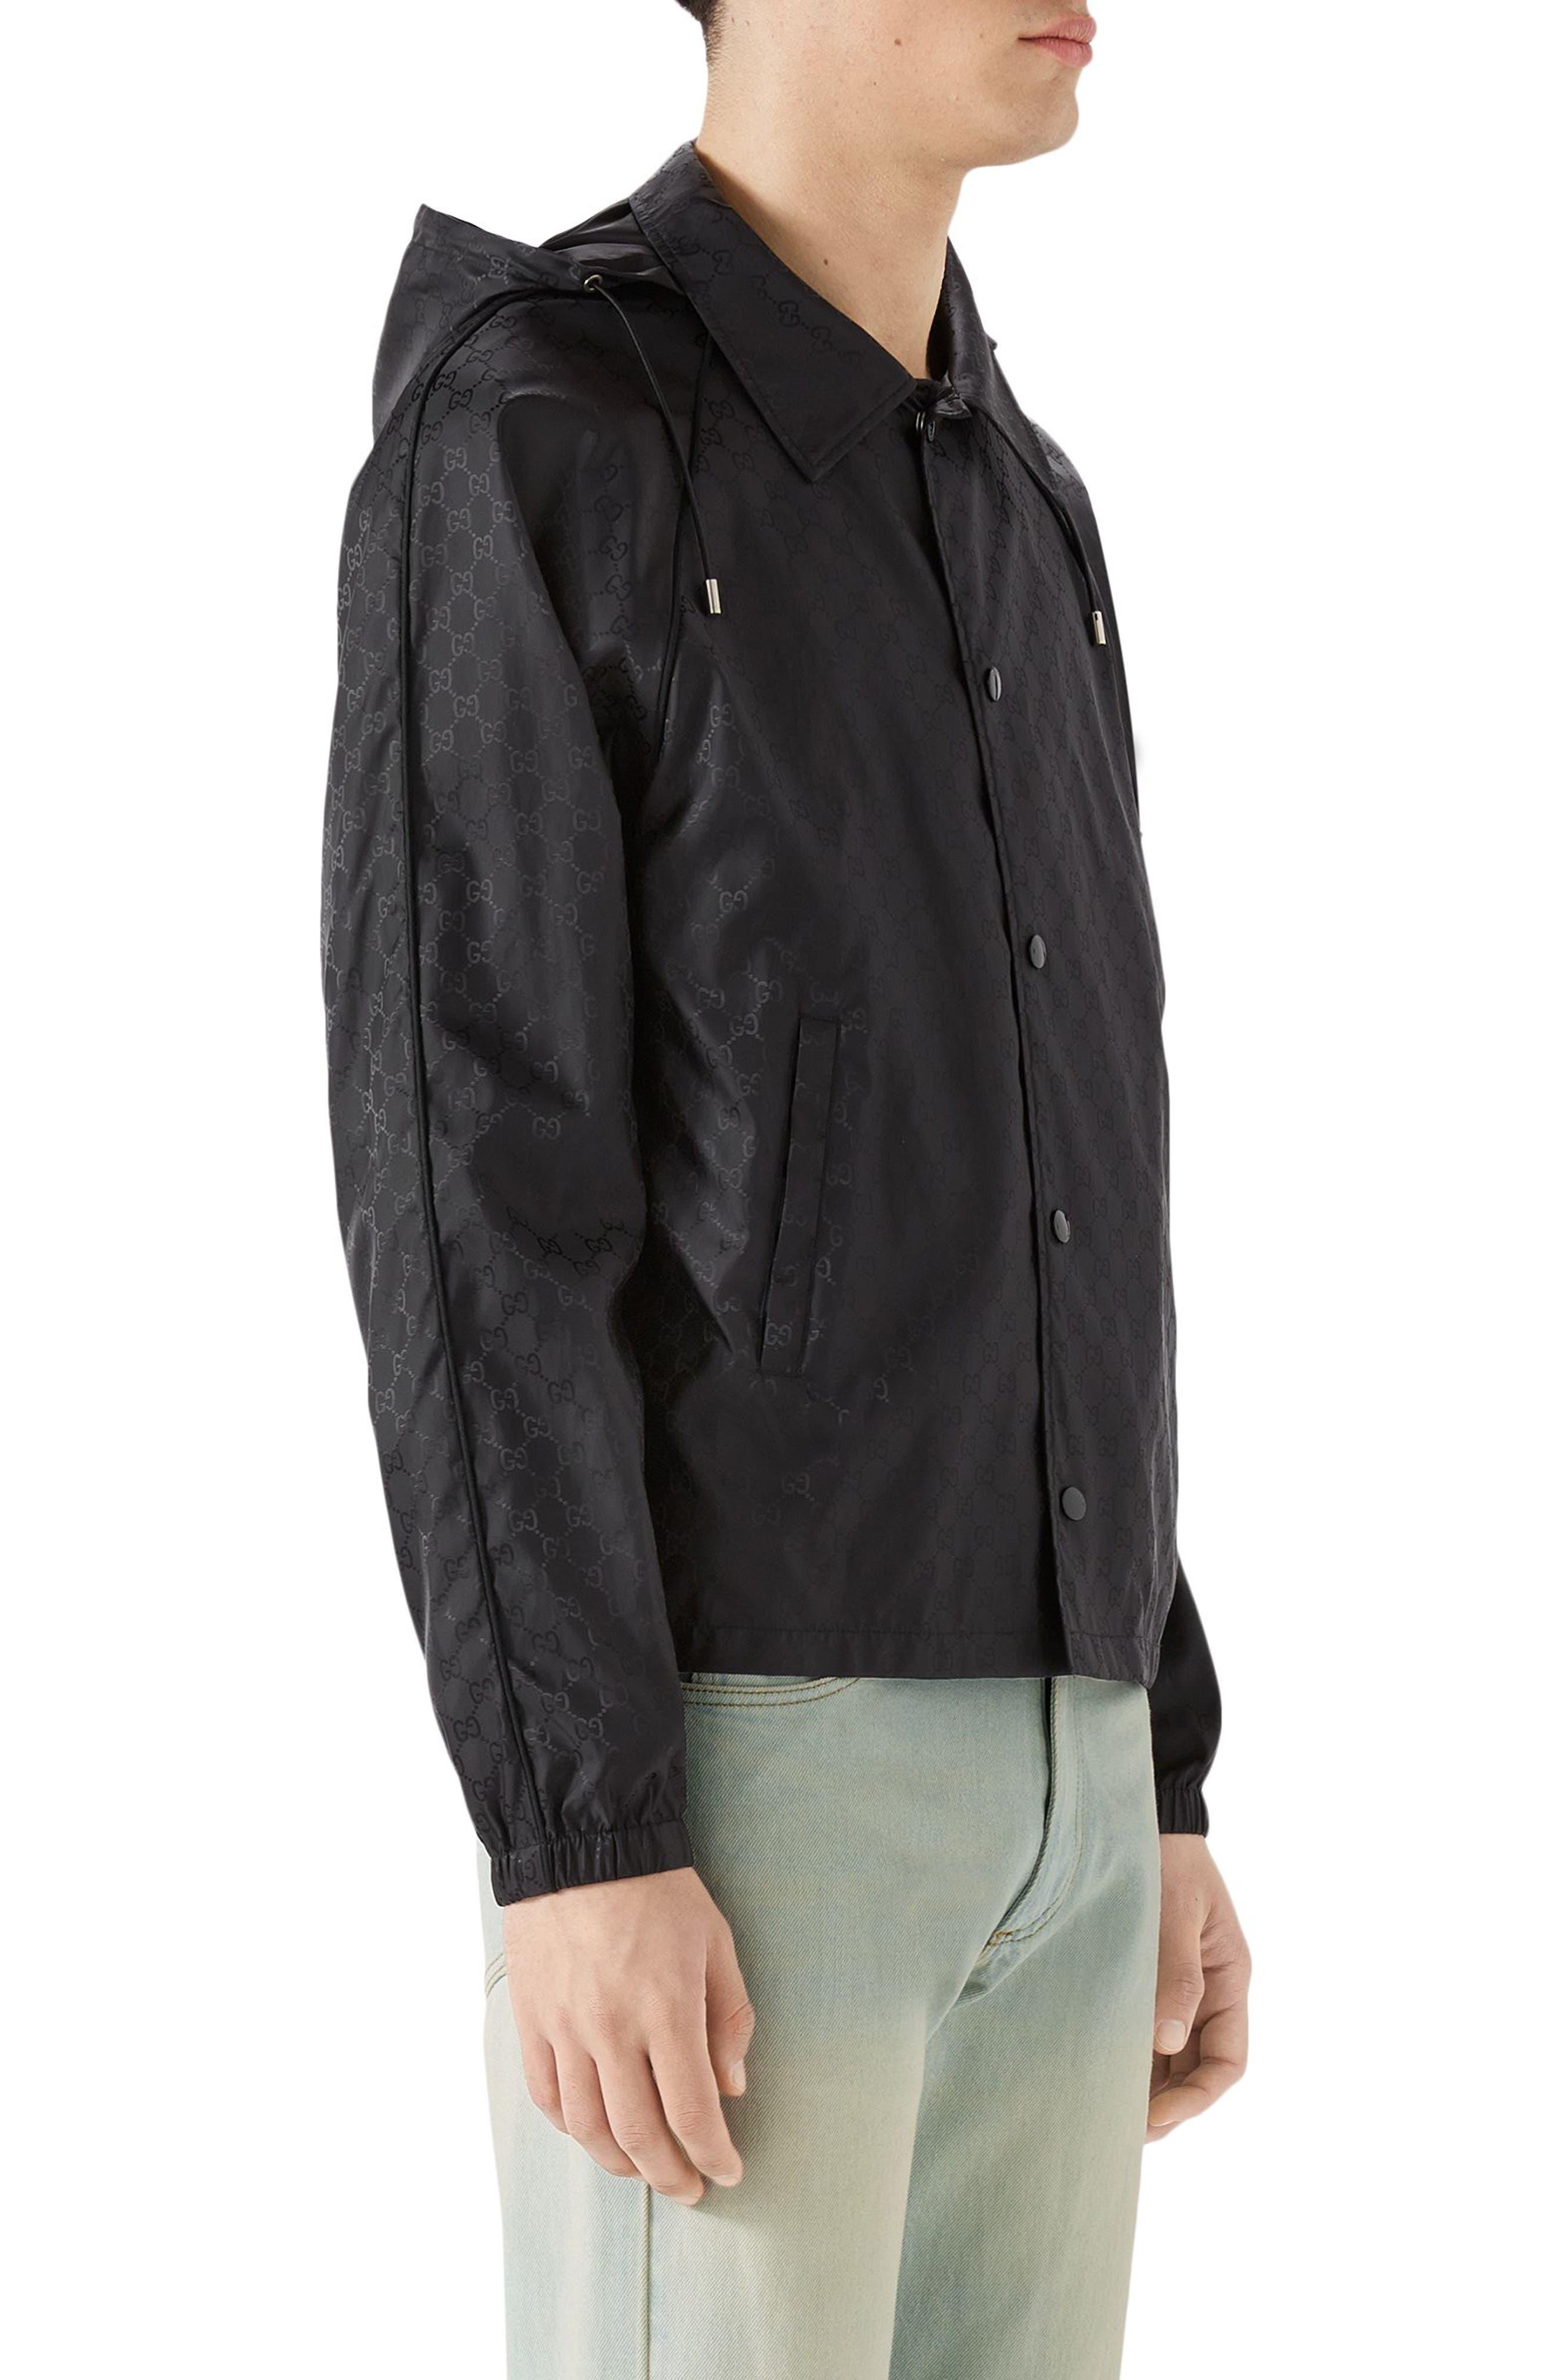 GG Jacquard Print Nylon Jacket,                             Alternate thumbnail 3, color,                             BLACK